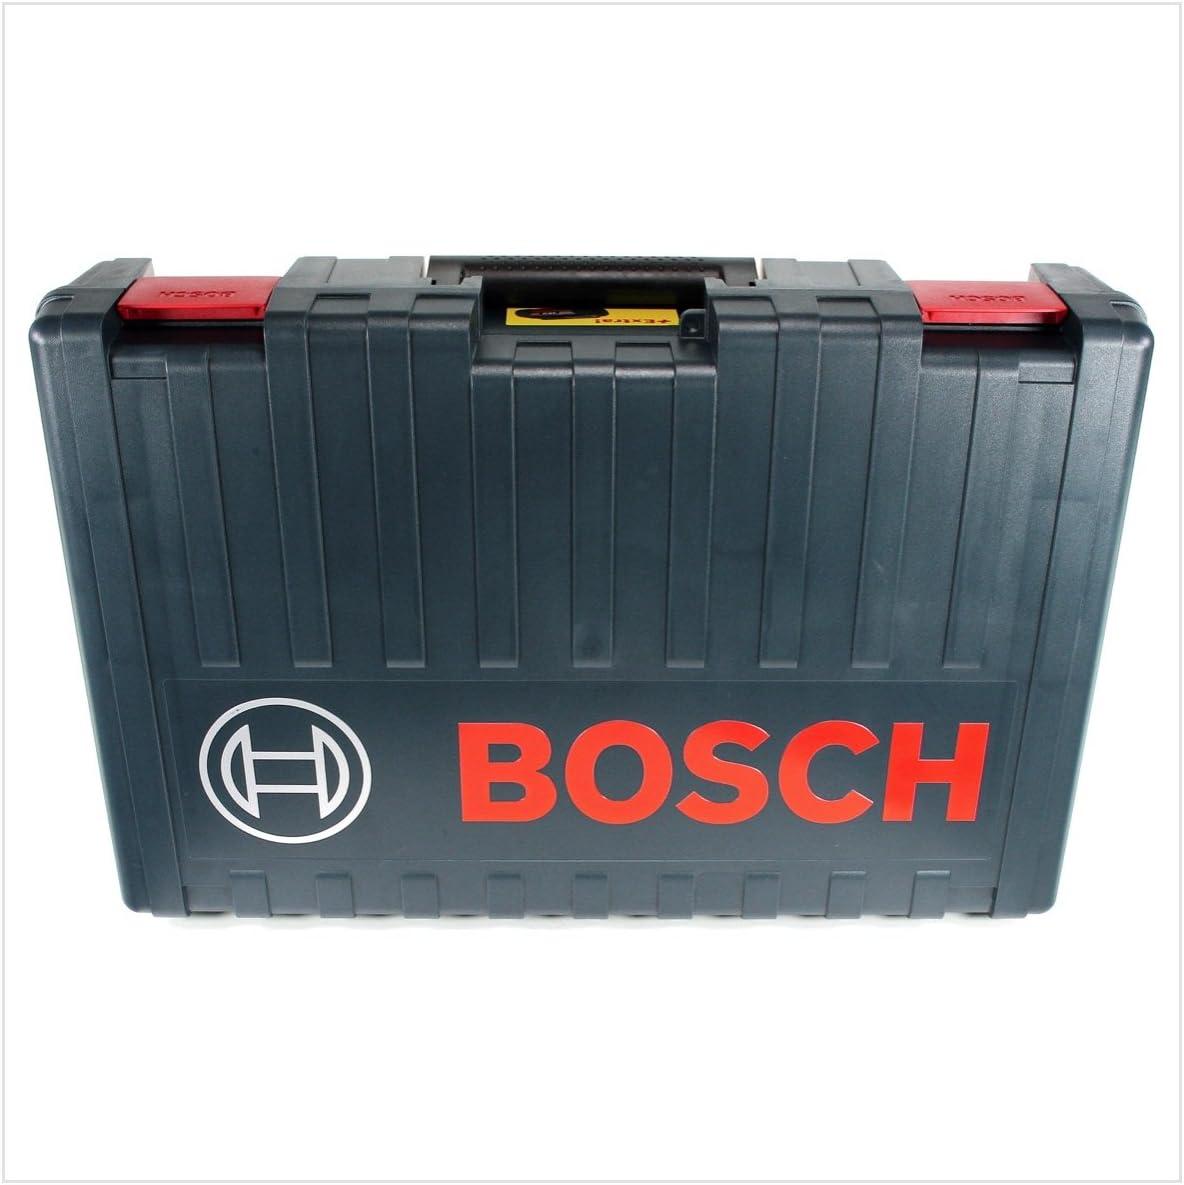 Bosch GBH 36/VF-Li Plus Marteau-perforateur sans fil avec fonction de burinage 2/x batteries 36/V 4,0/Ah et chargeur de batterie AL3680CV avec mandrin de rechange et mallette